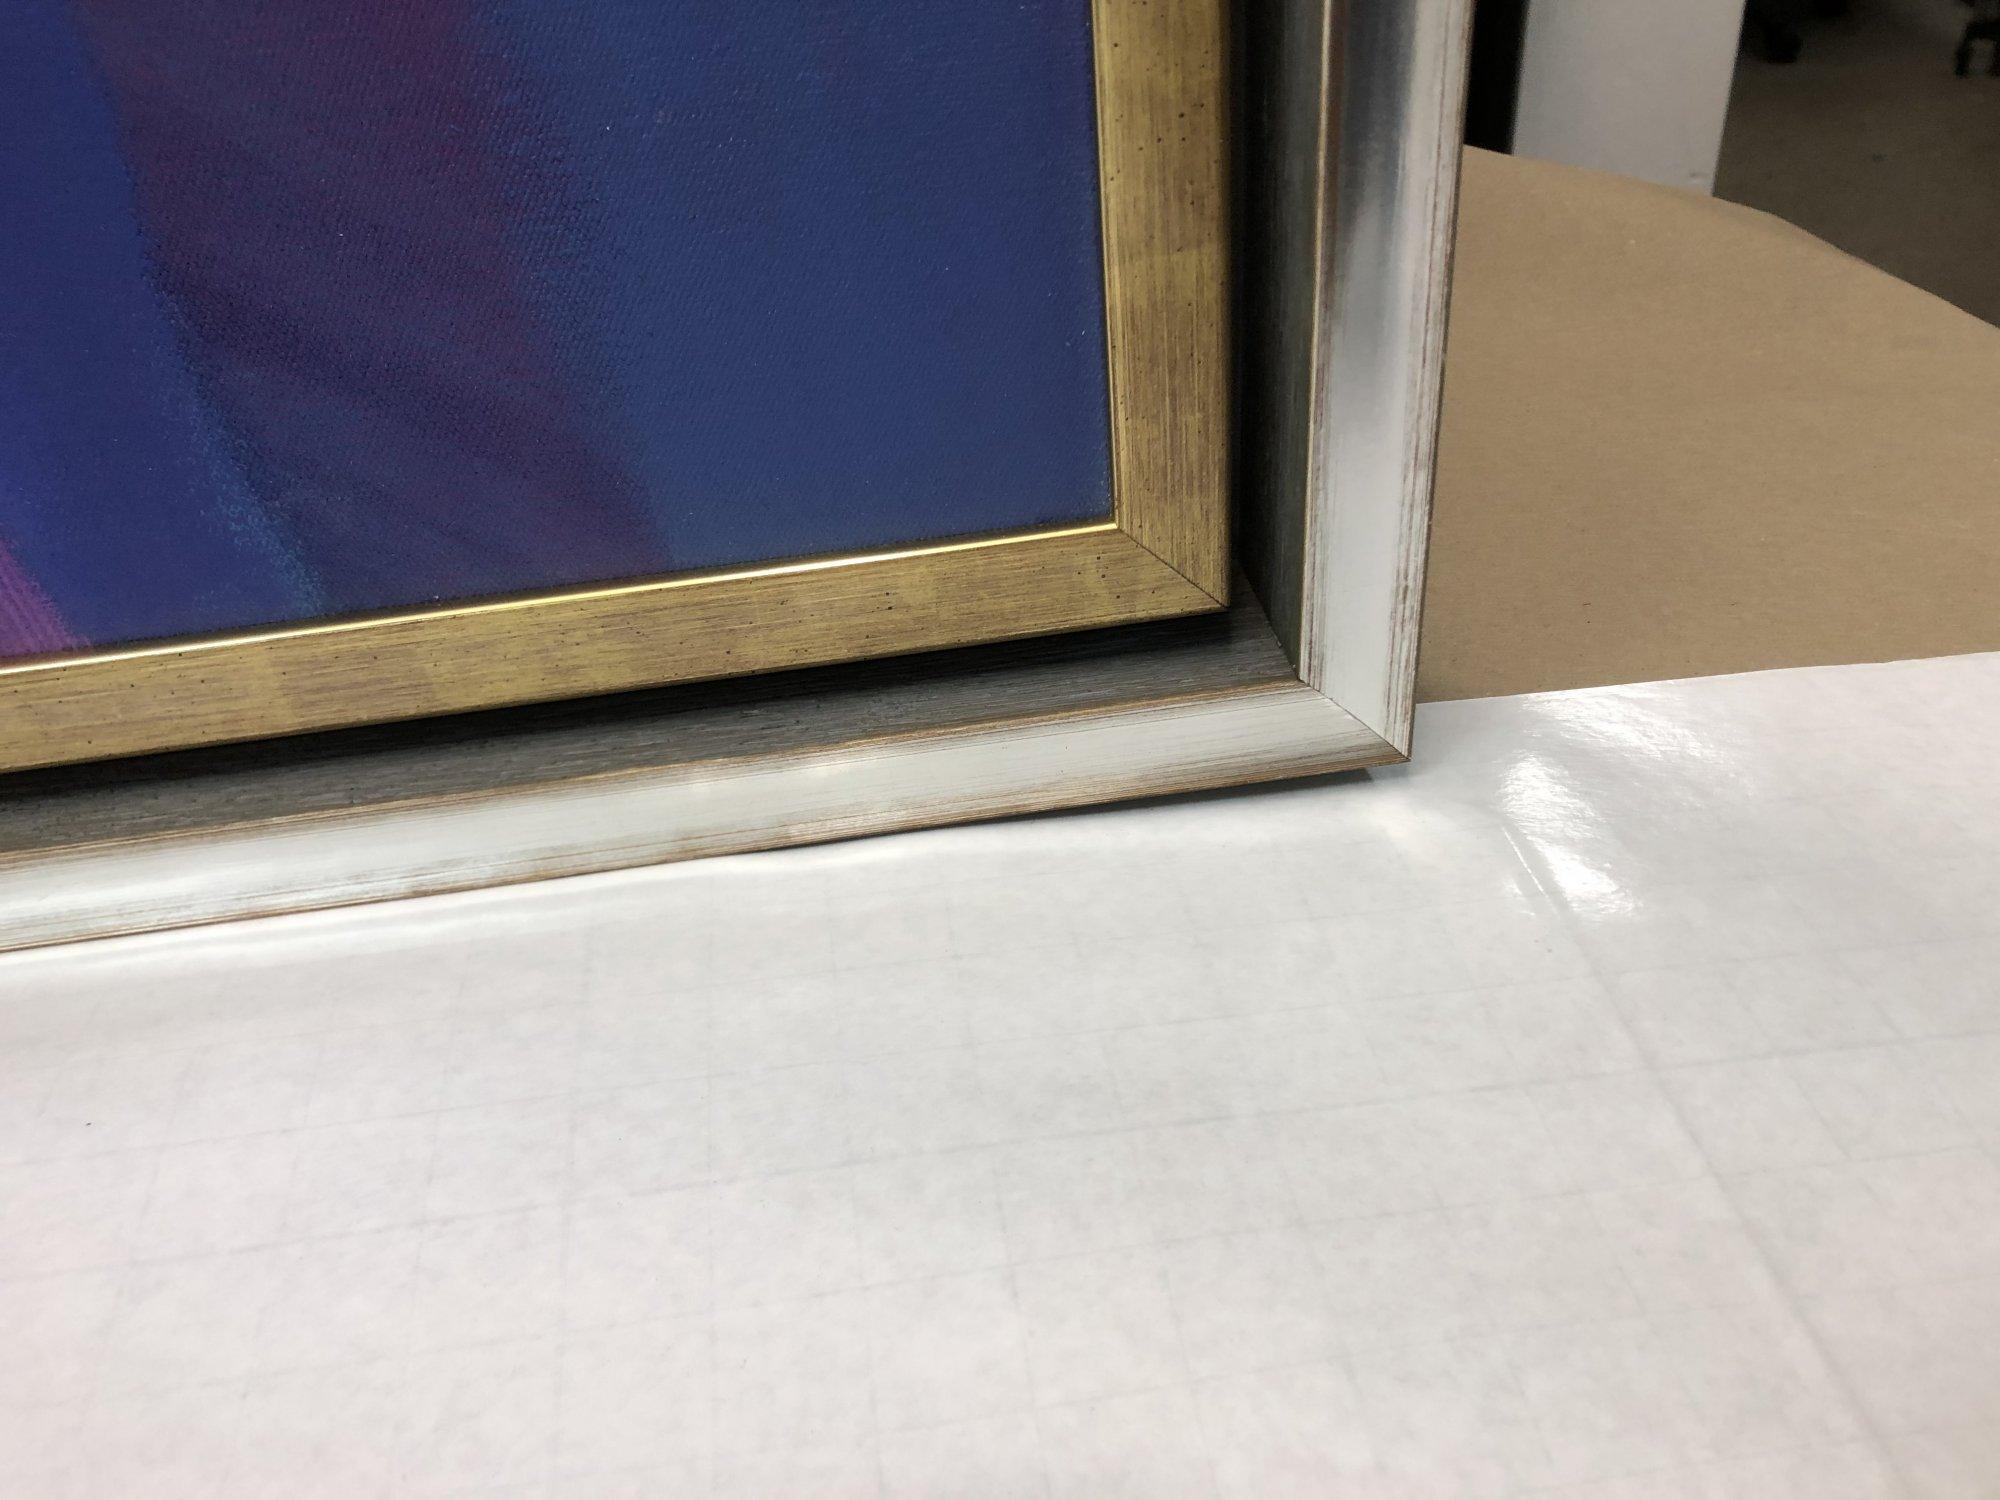 Framed canvas stacked inside floater frame